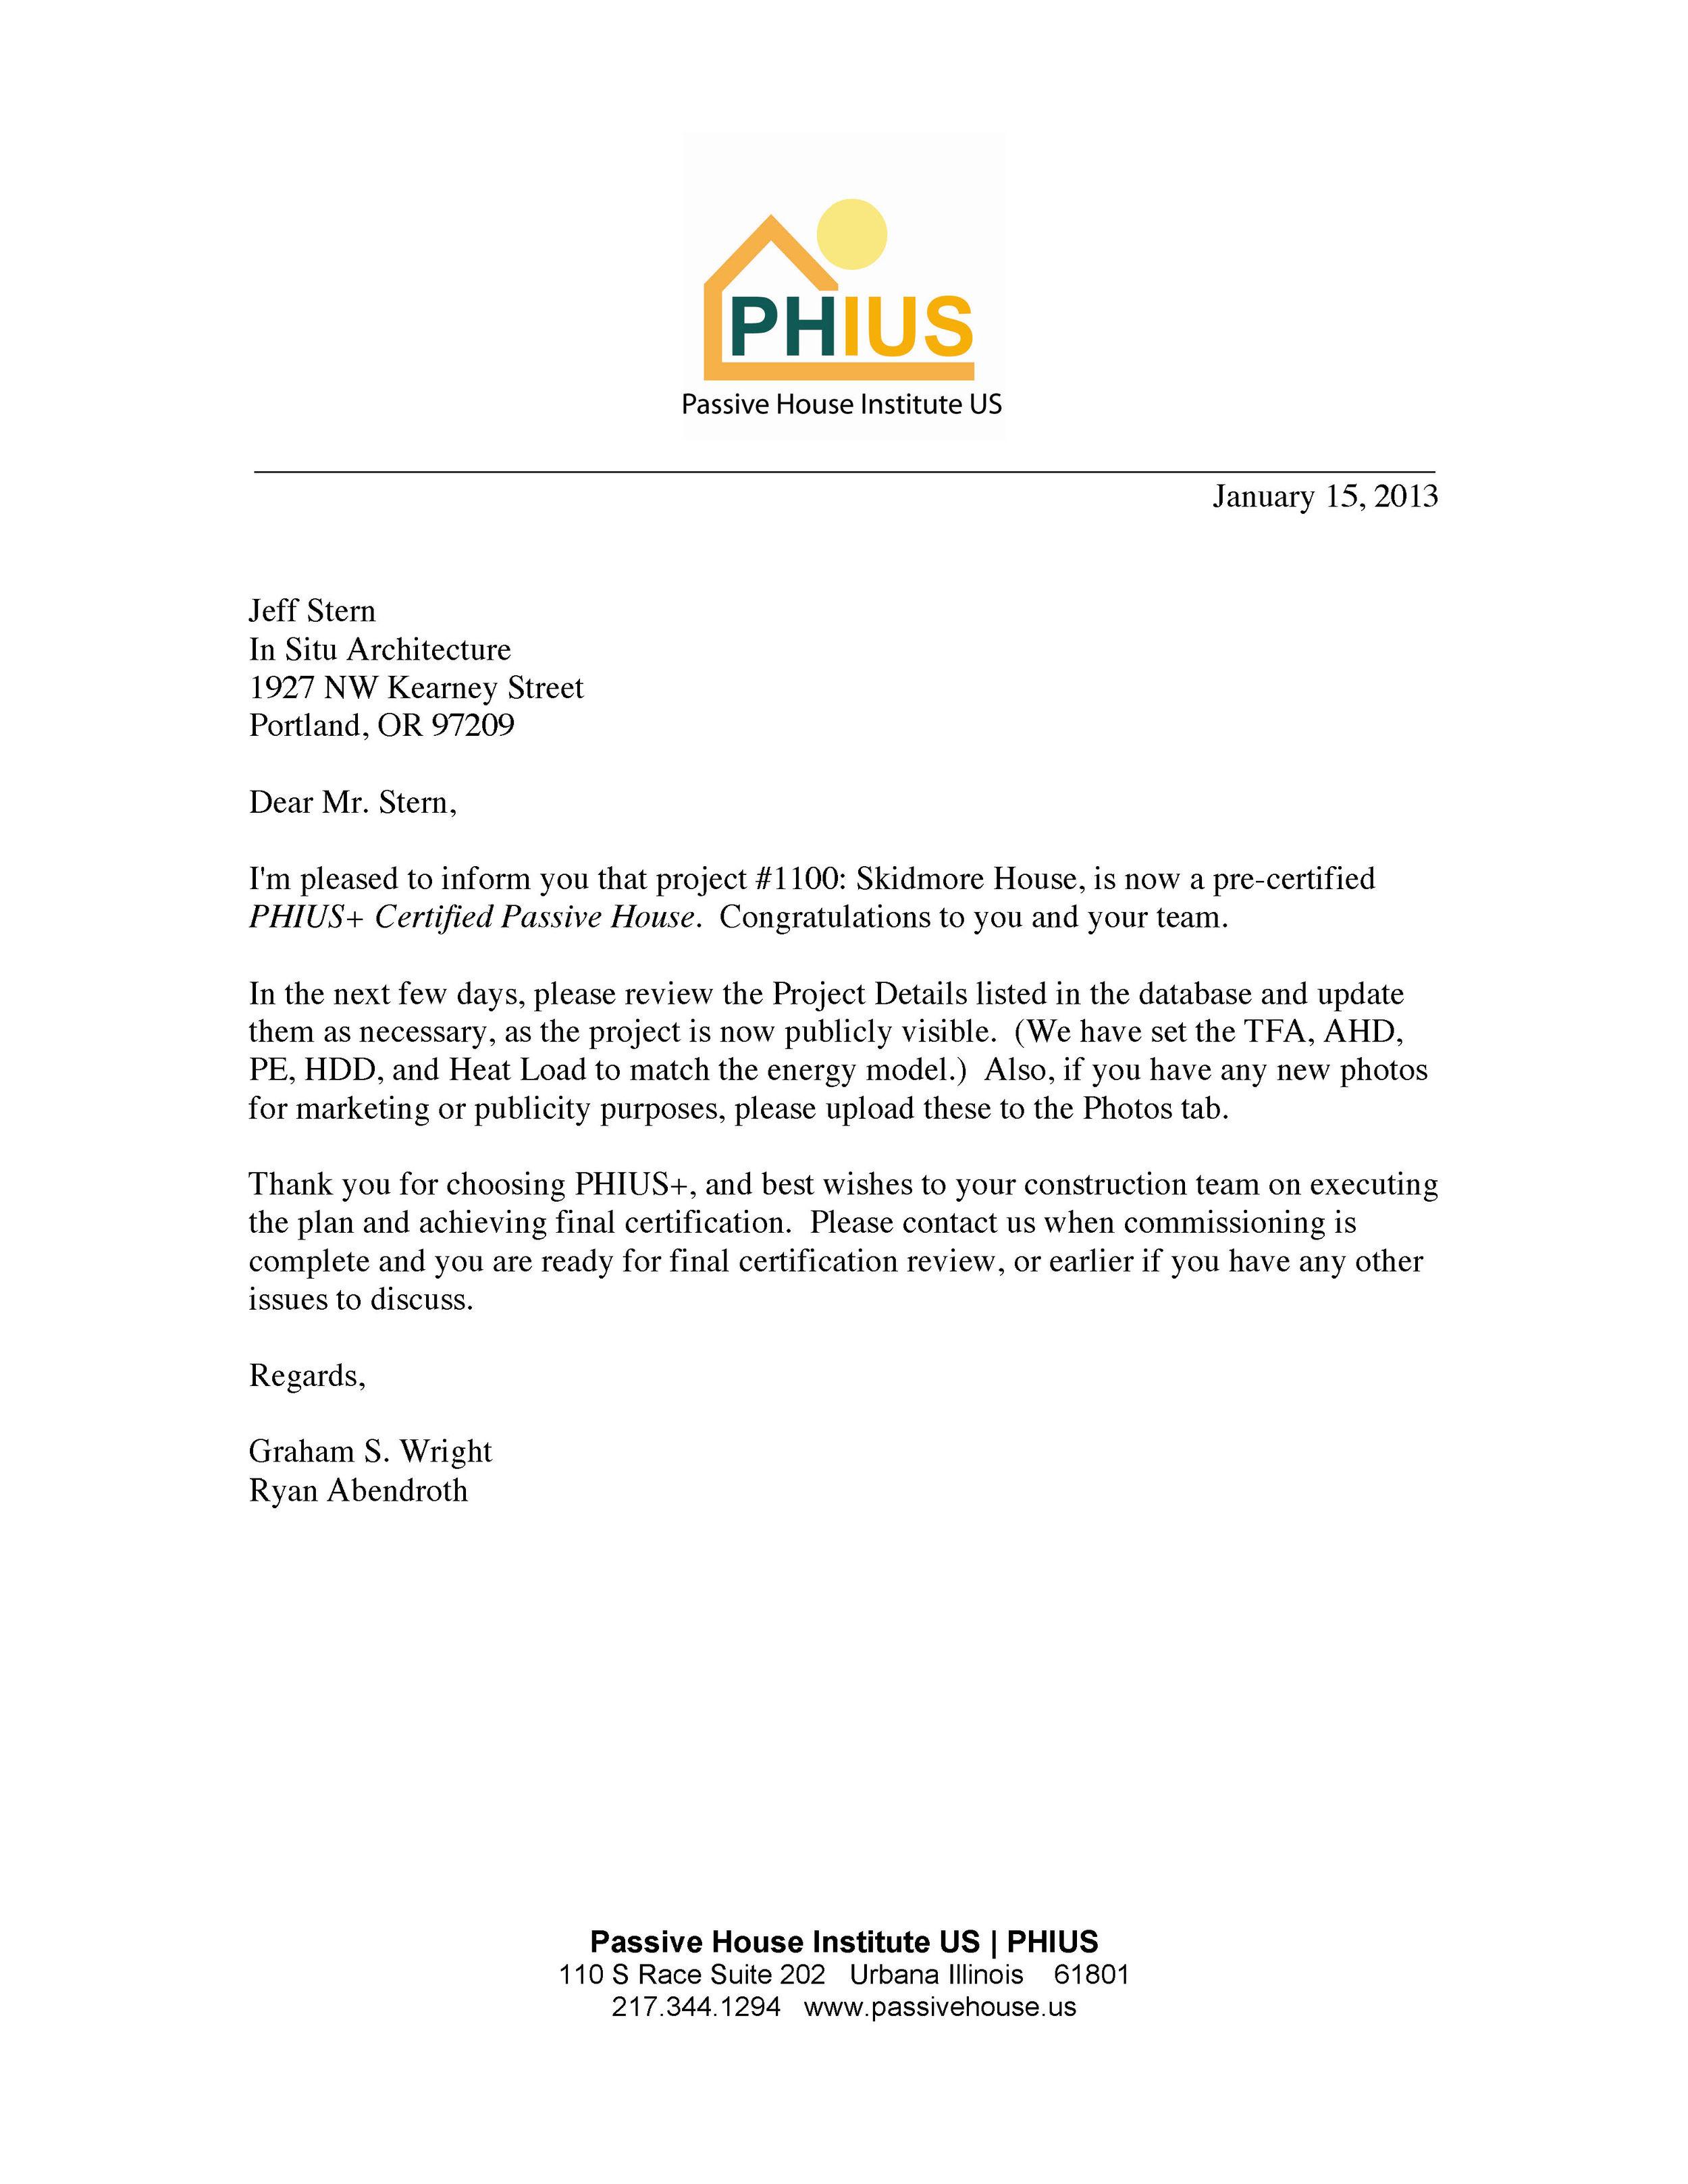 PHIUS+ pre-cert letter